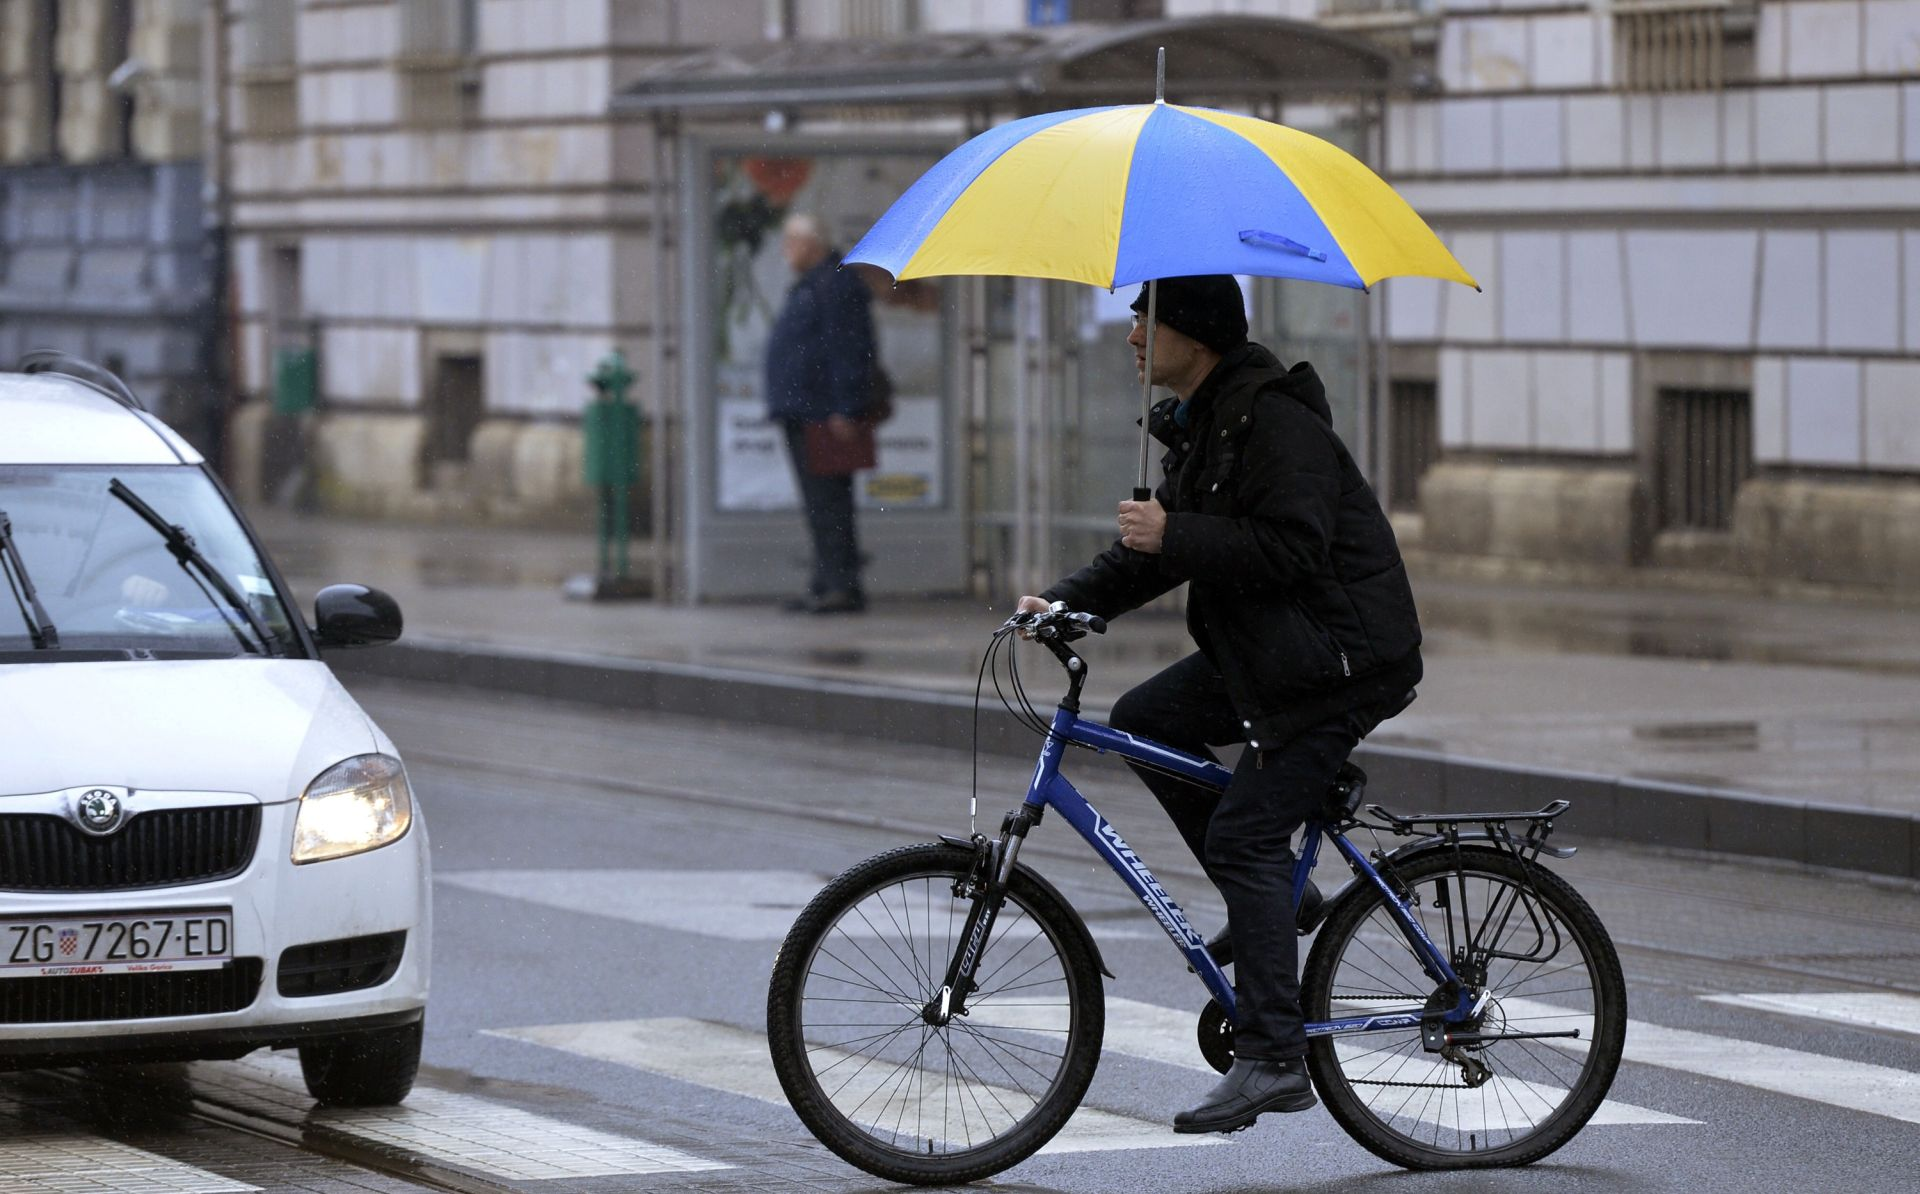 POSLIJEPODNE RAZVEDRAVANJE Pretežno oblčno s mogućom kišom